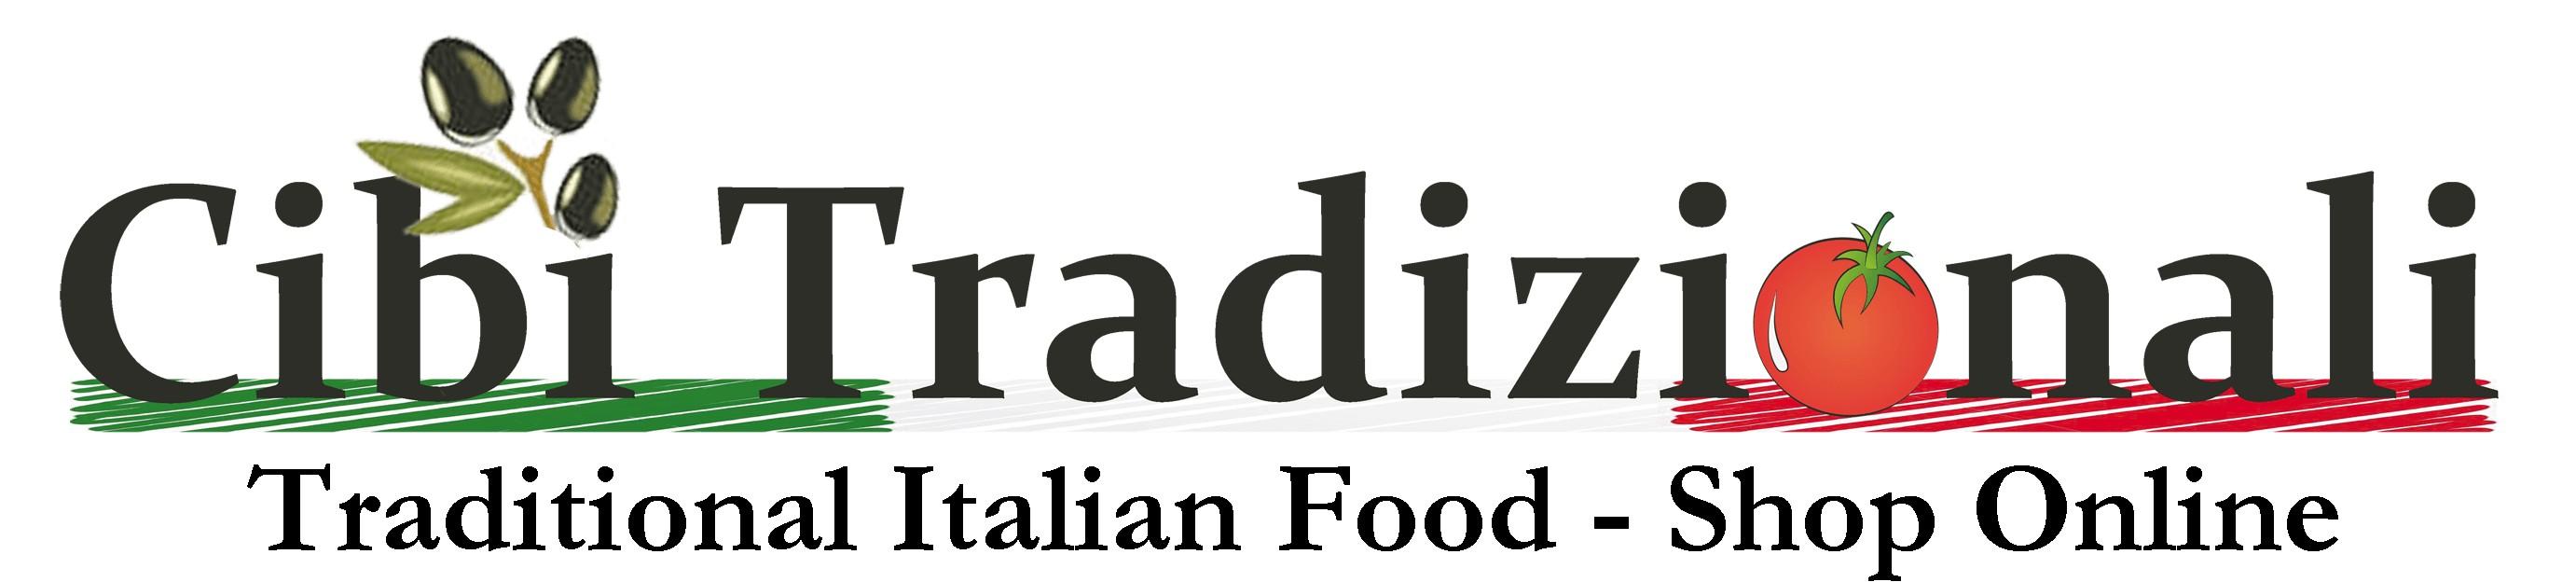 24e3cb20fbb7 Vendita Online di Prodotti Tipici Italiani